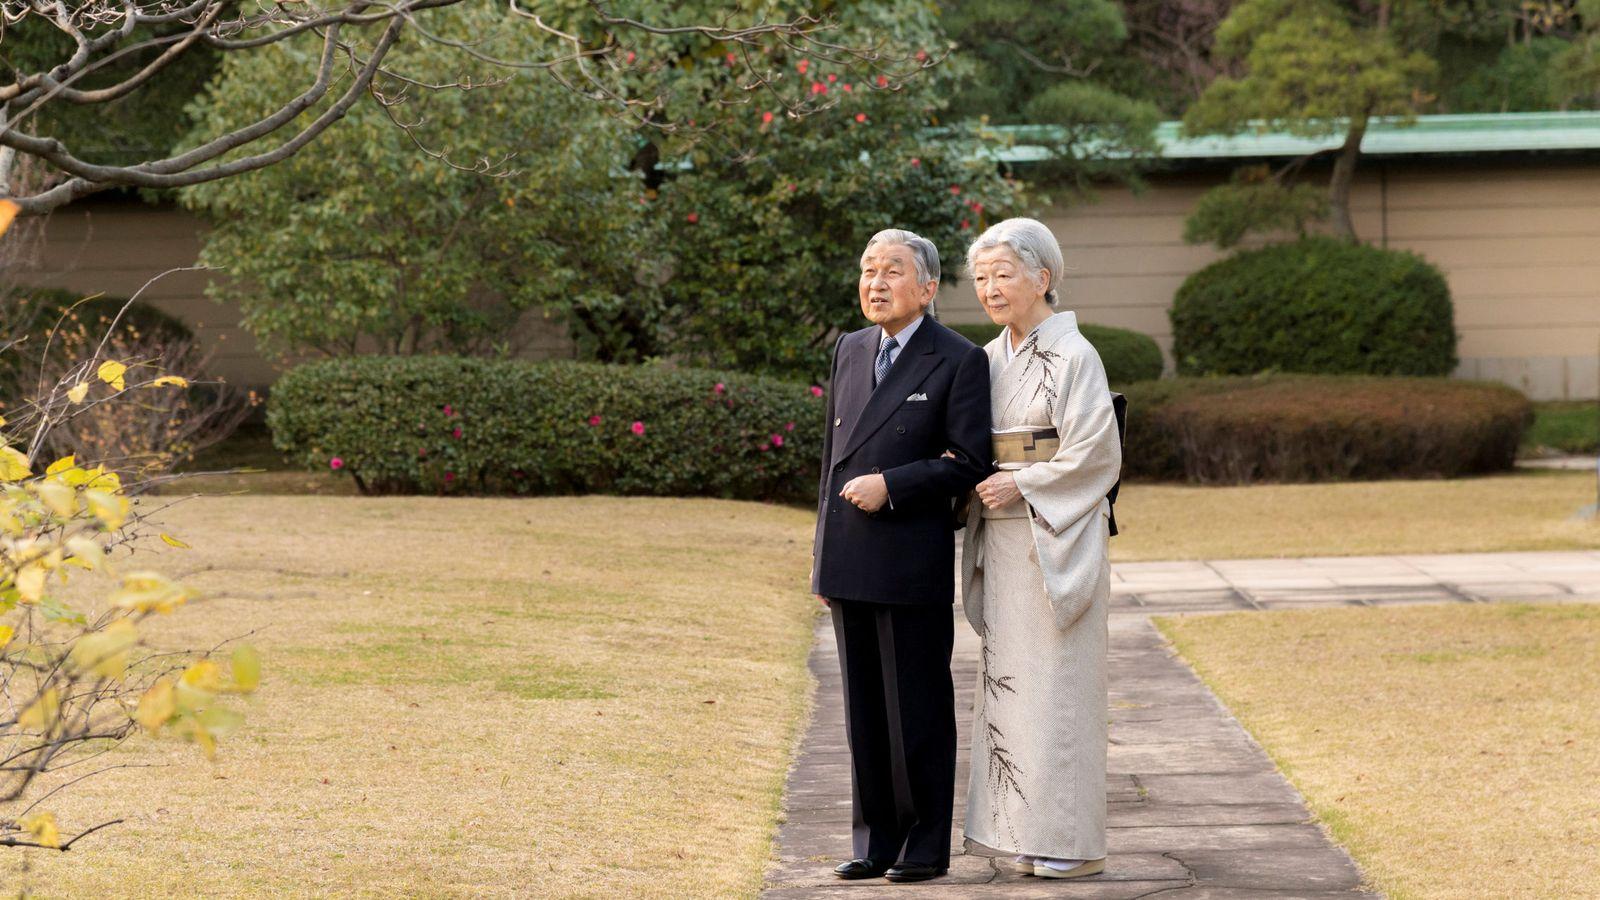 La familia imperial de Japón, de obras y mudanzas para empezar una ...